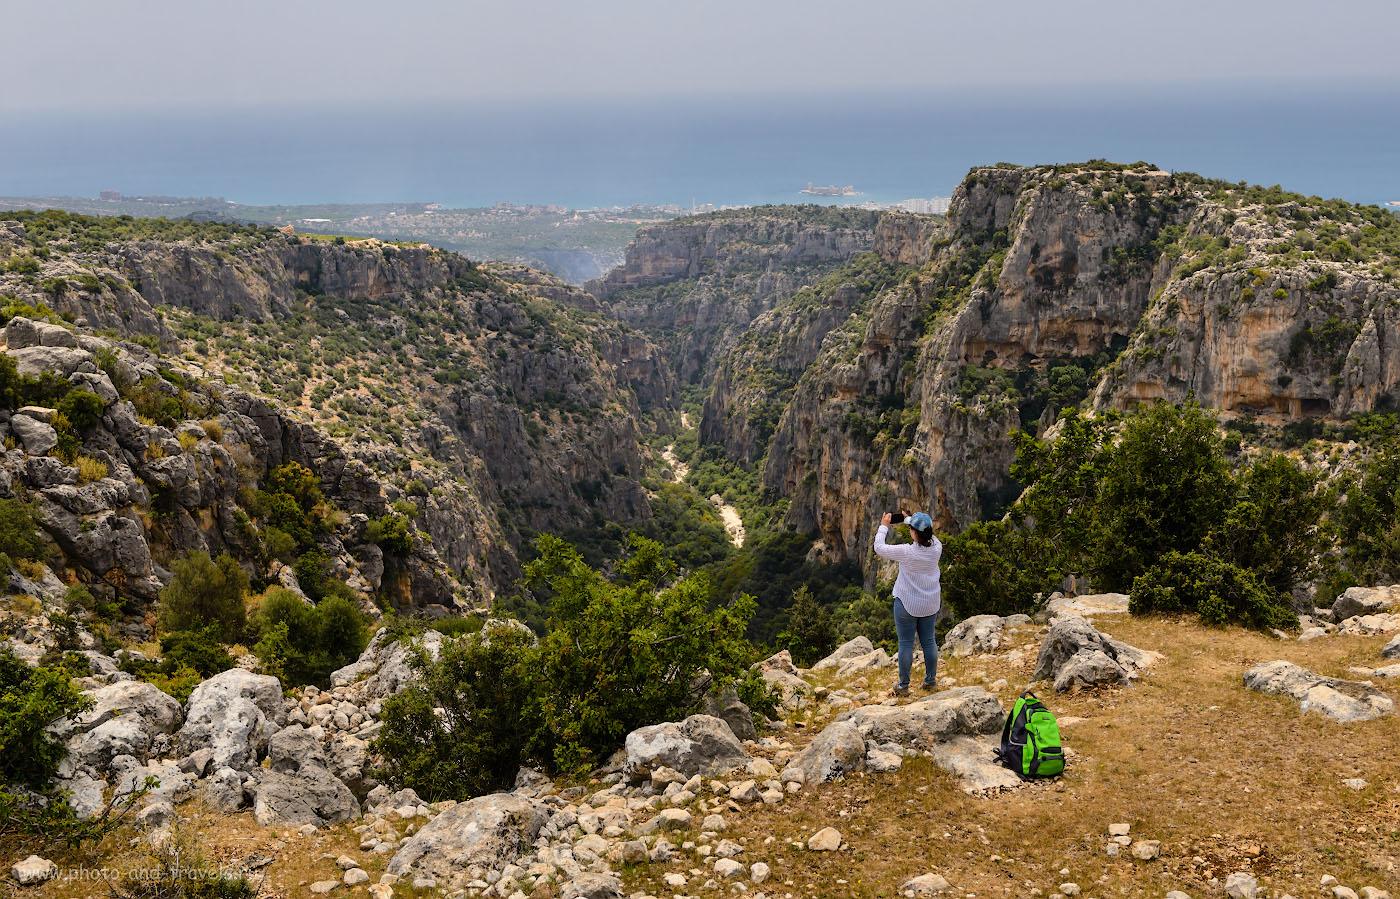 Фото 15. Для того, чтобы показать зрителю, насколько глубокий каньон Şeytan DeresiKanyonu, в который мы спускались во время поездки по Турции на машине в 2015 году, я тоже использовал на зуме Nikon 24-70mm f/2.8 широкоугольное положение. Тушка – Nikon D610. Параметры: 1/800, -1.67, 8.0, 320, 38.